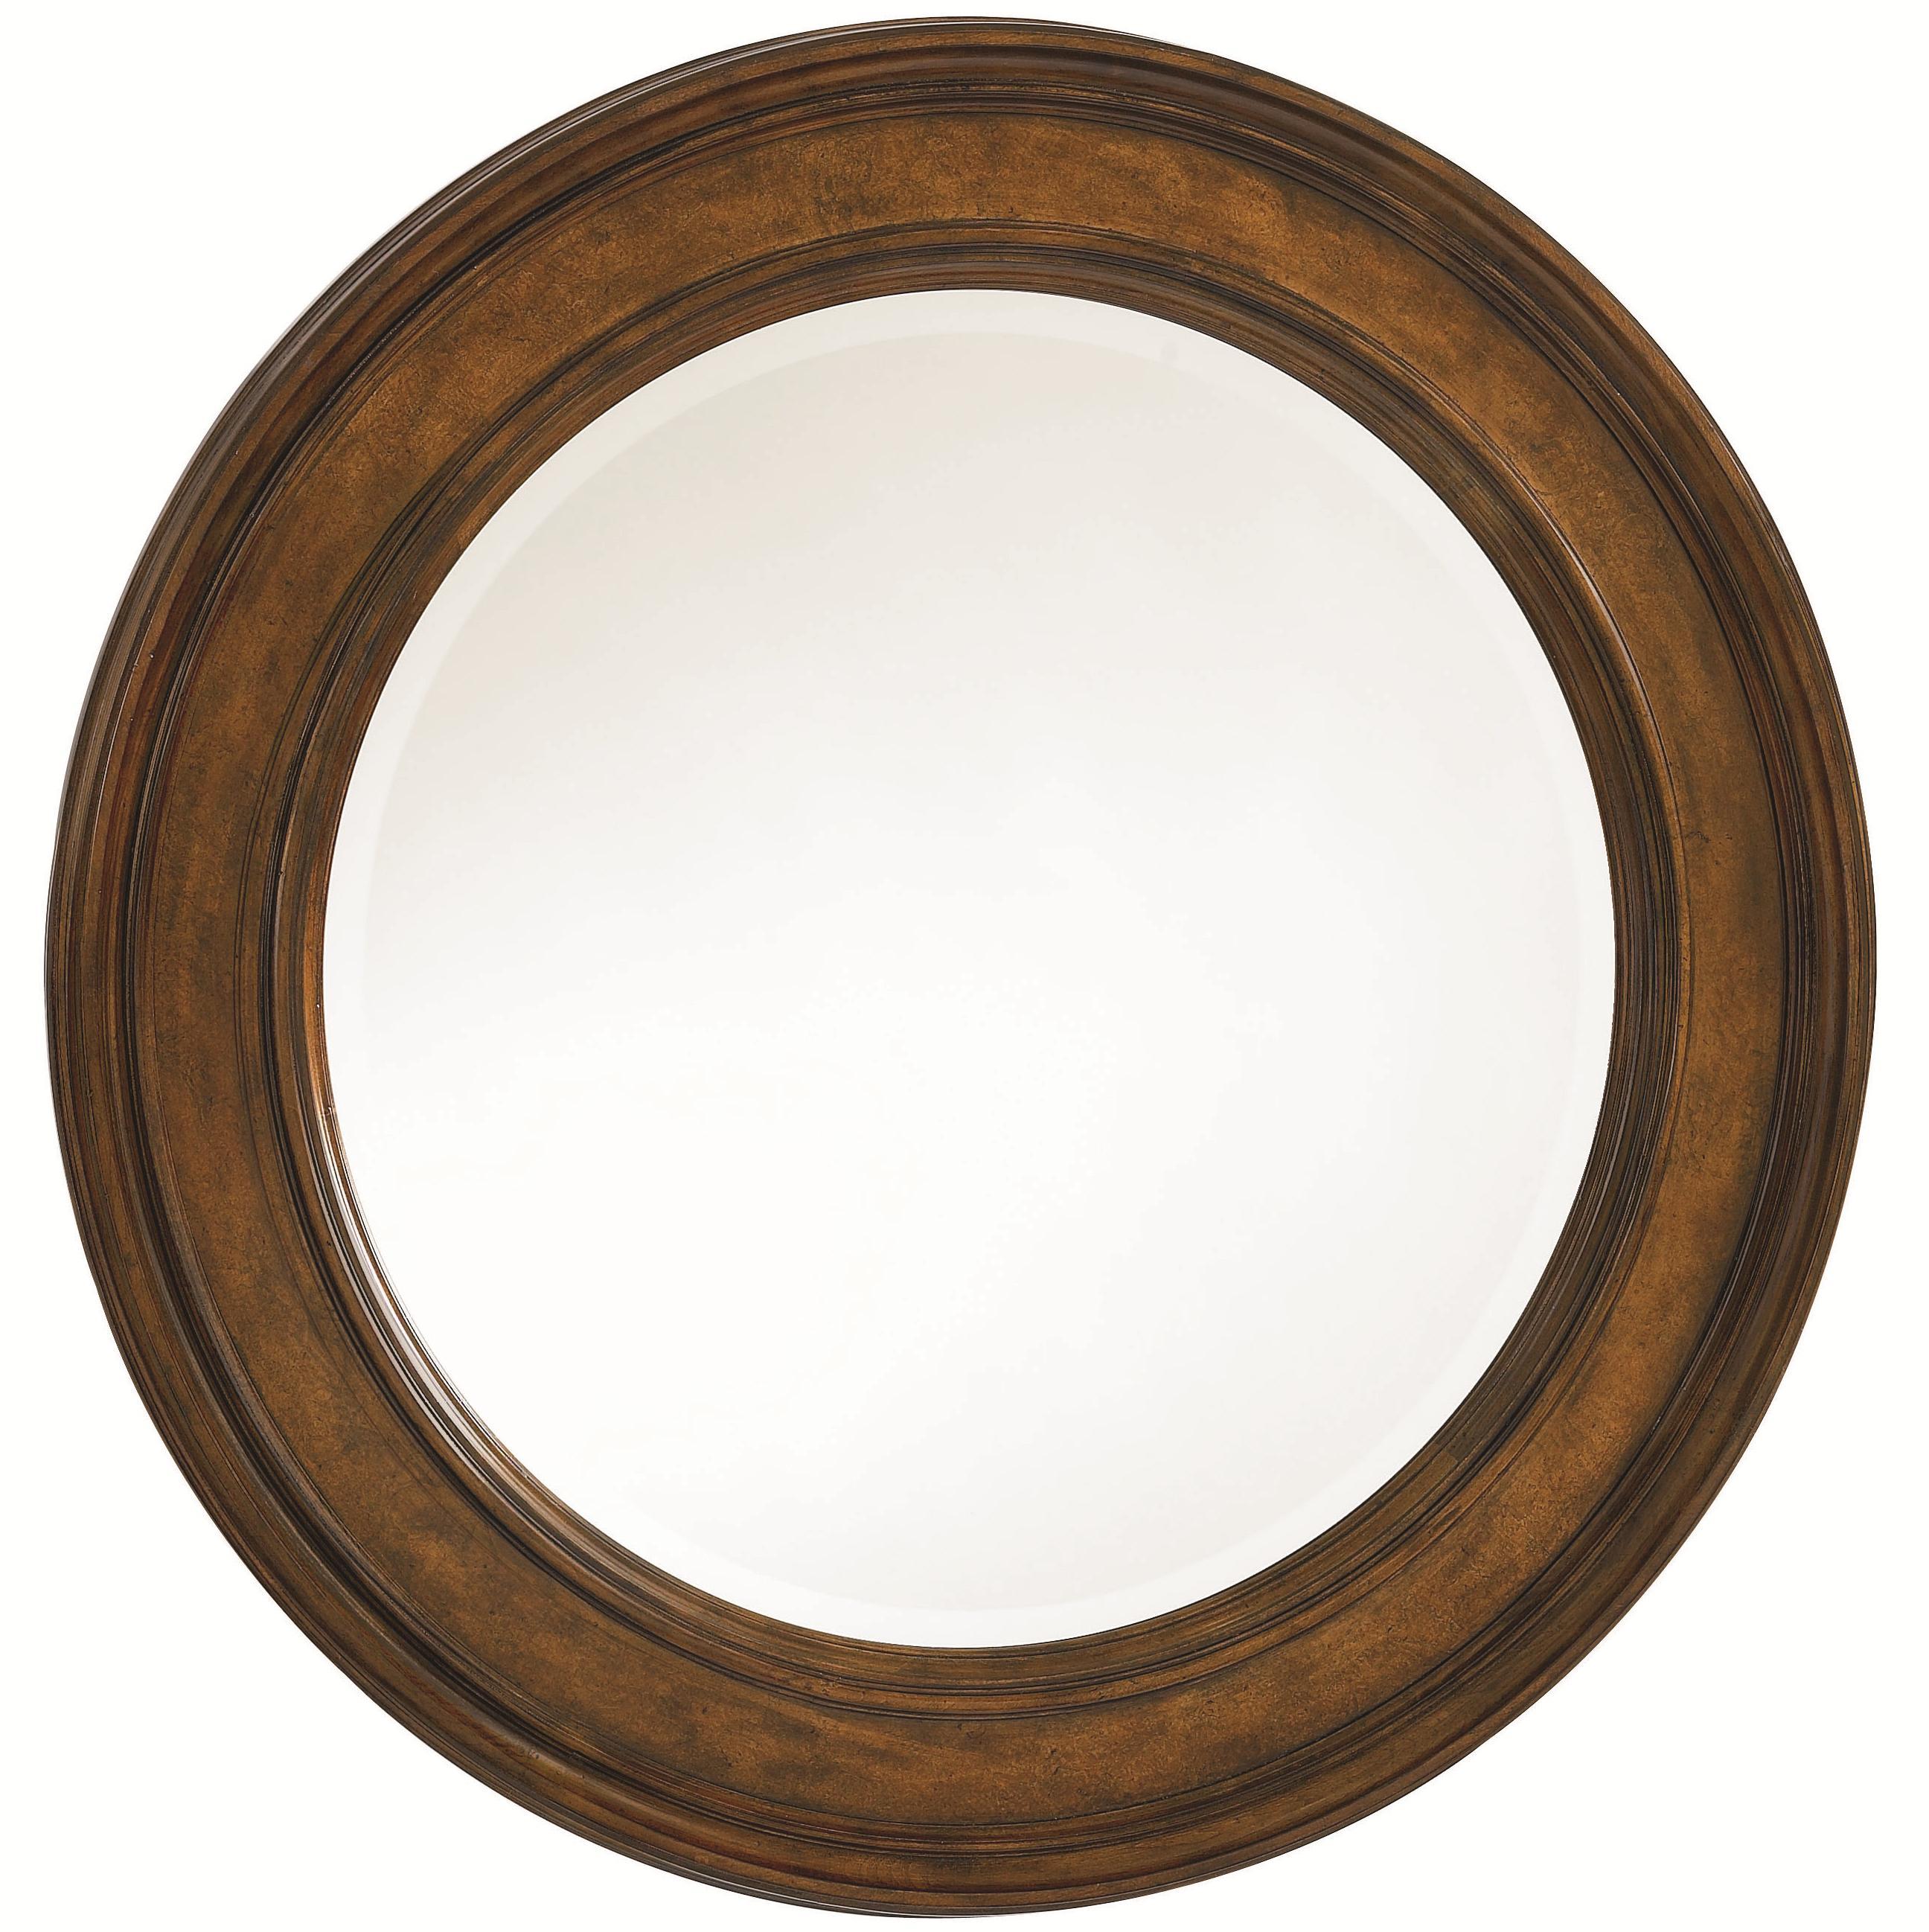 Thomasville® Deschanel Round Mirror - Item Number: 46711-230